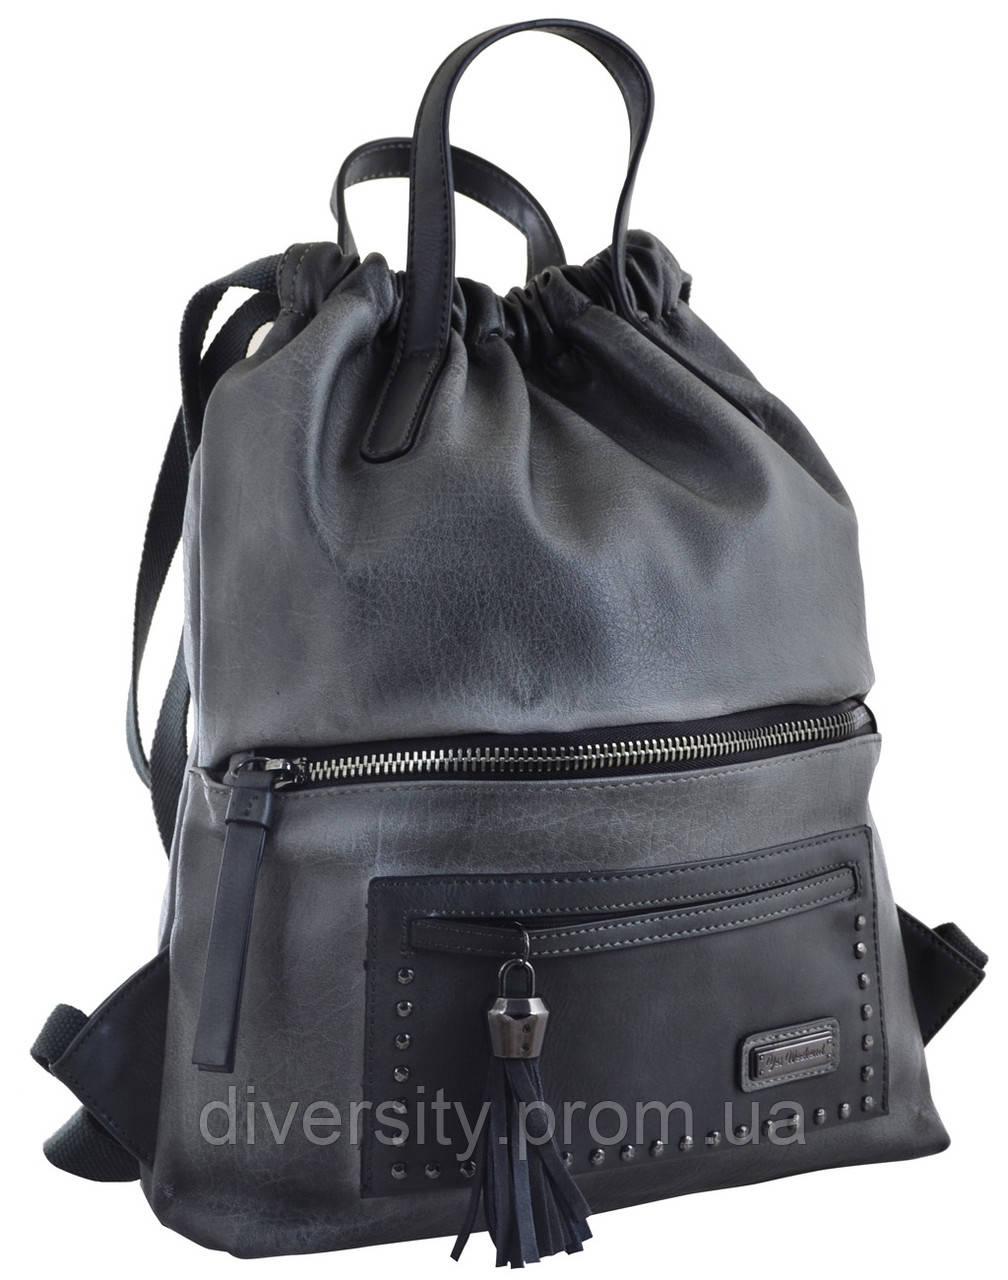 Женский рюкзак YES YW-11,  серый